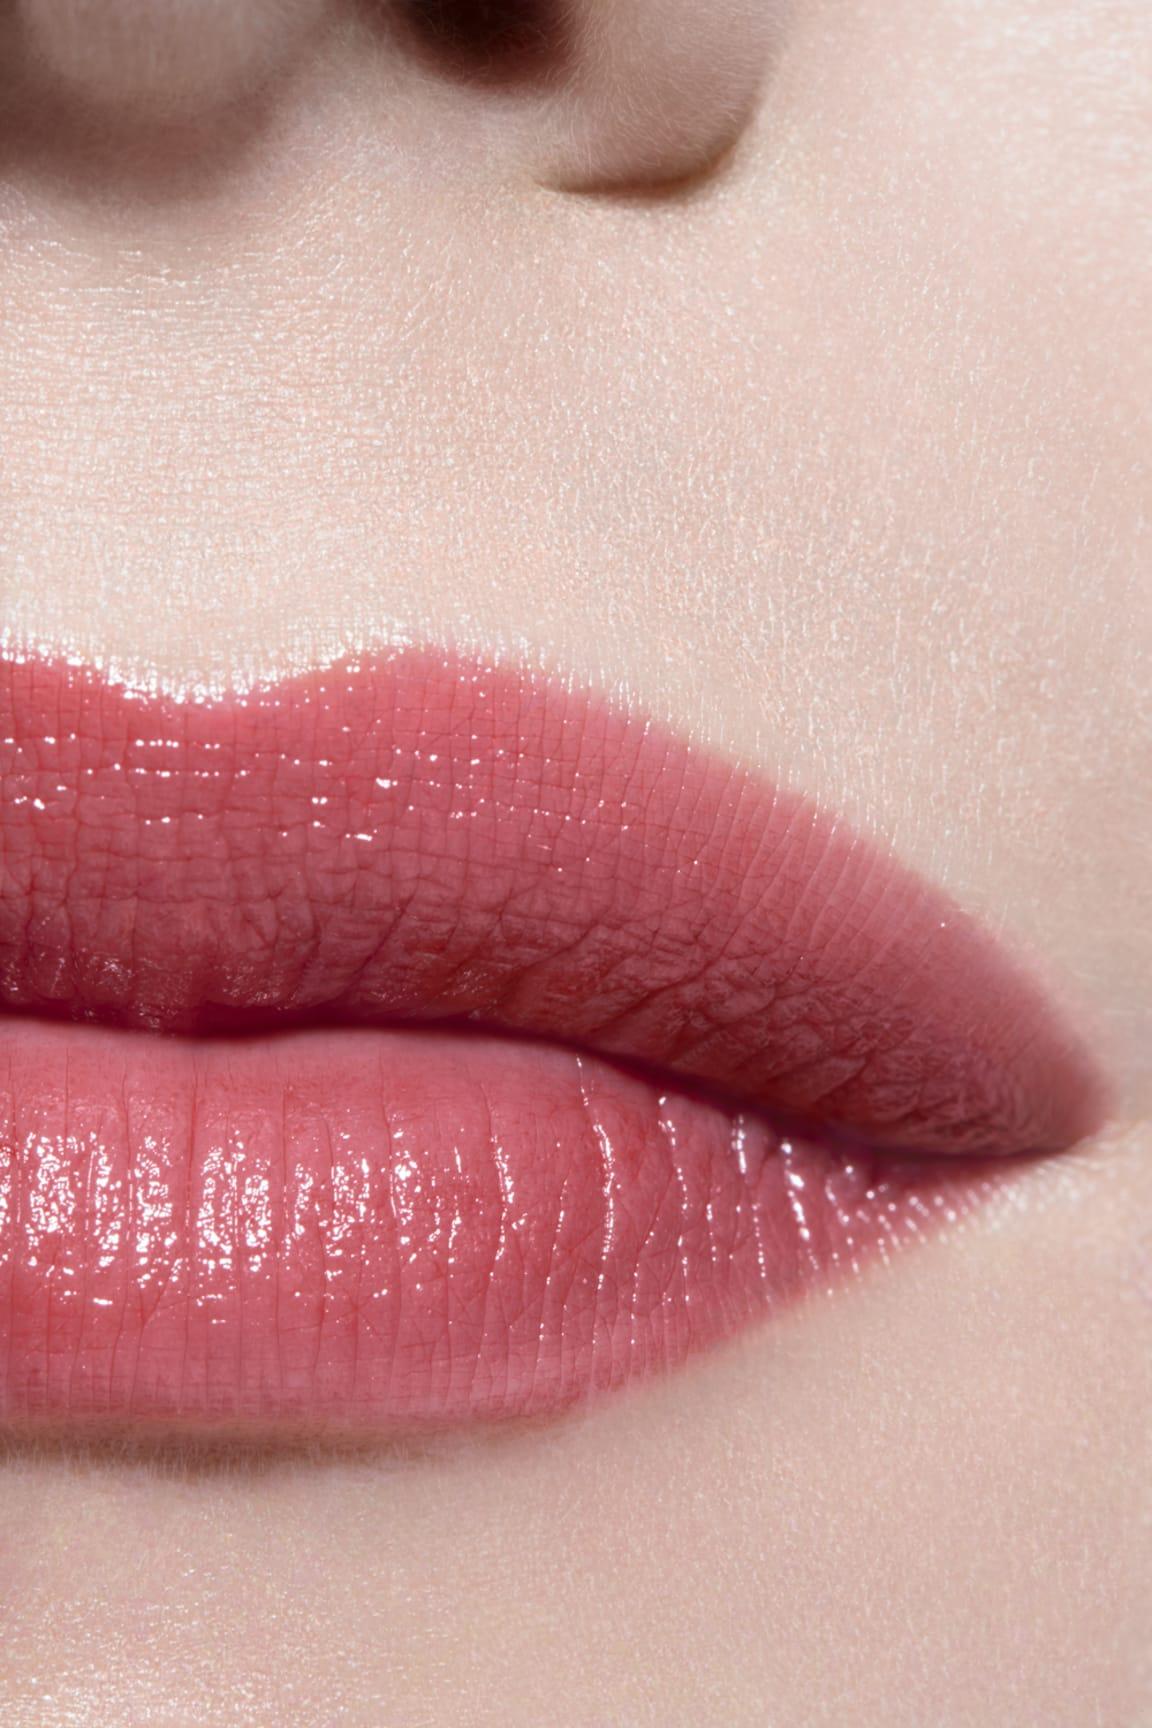 Imagen aplicación de maquillaje 3 - LES BEIGES BAUME À LÈVRES INTENSE